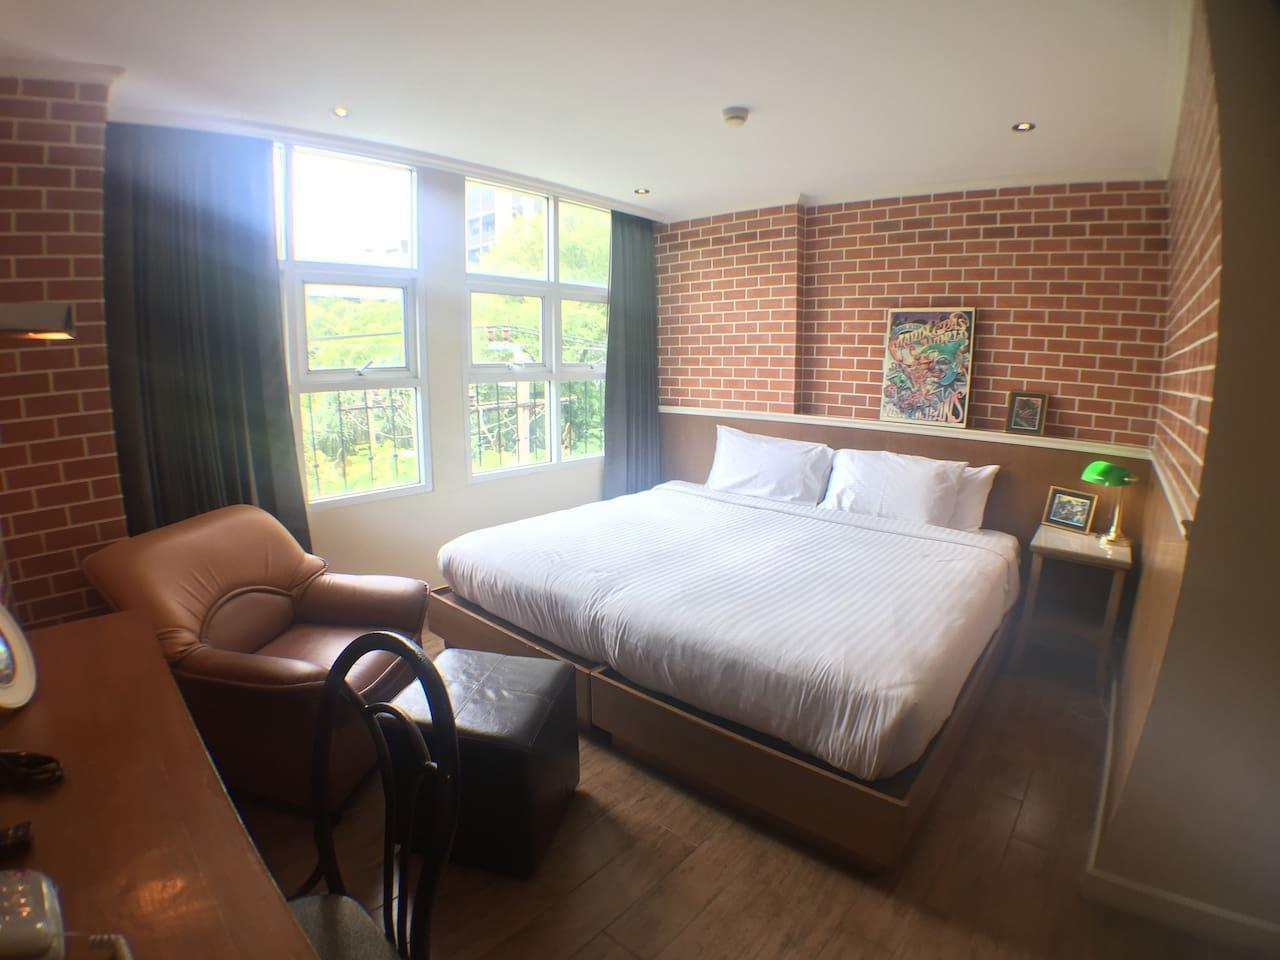 Ekamai+3Bed+4Bath+Living Room+Free Airport Pick Up อพาร์ตเมนต์ 3 ห้องนอน 4 ห้องน้ำส่วนตัว ขนาด 250 ตร.ม. – สุขุมวิท